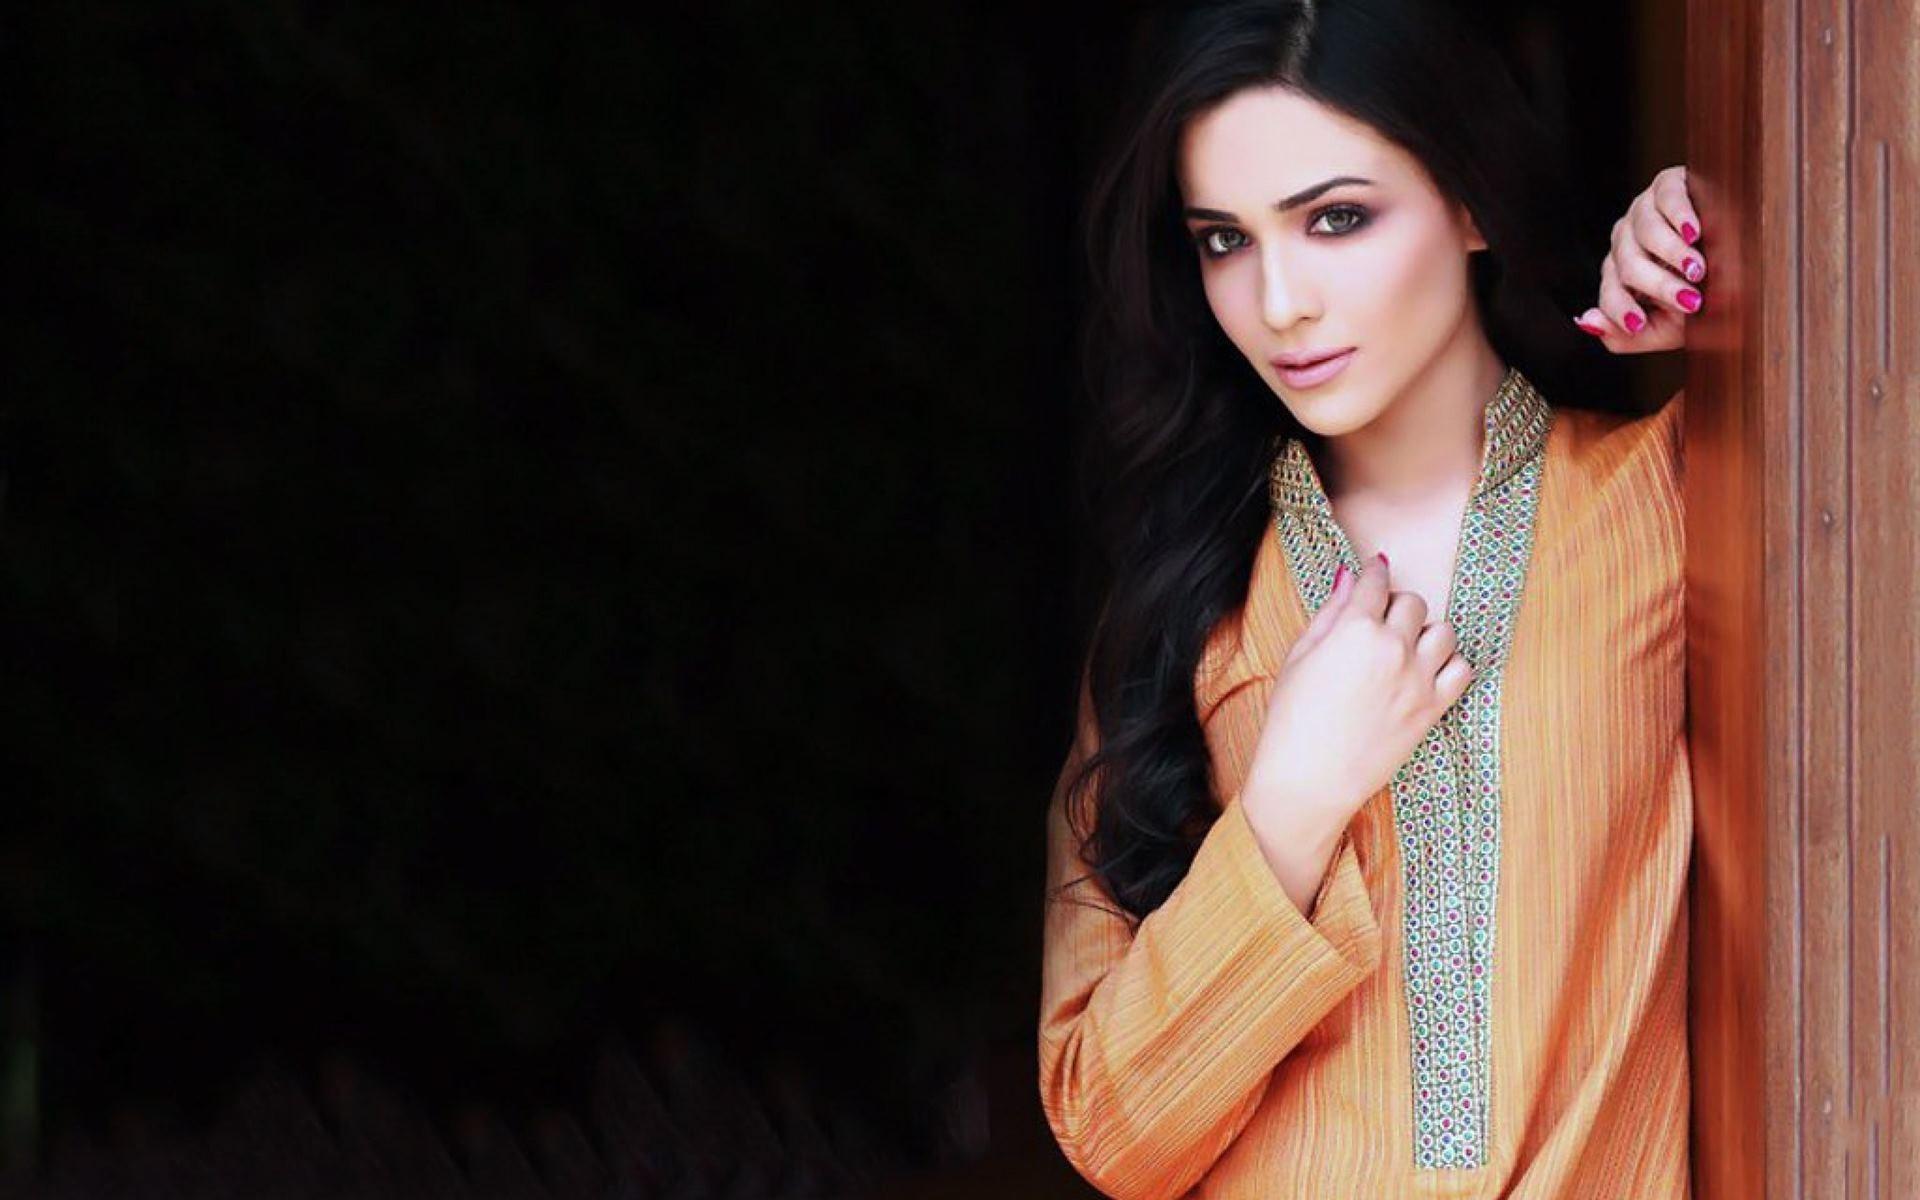 pakistani beautiful girl wallpaper …